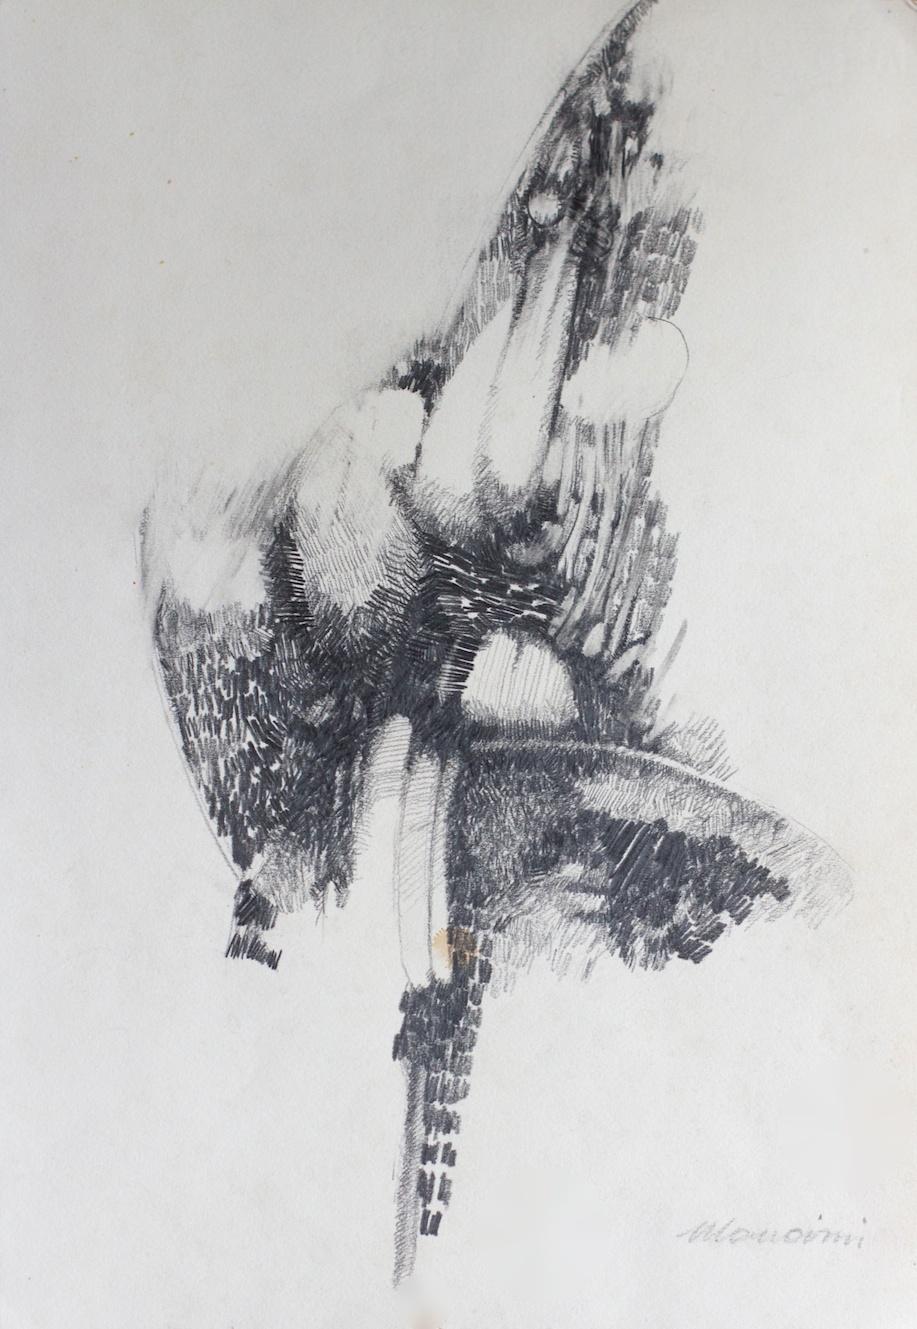 Lacerazioni - Lacerations / matita e carboncino su carta - pencil and charcoal on paper. 1972